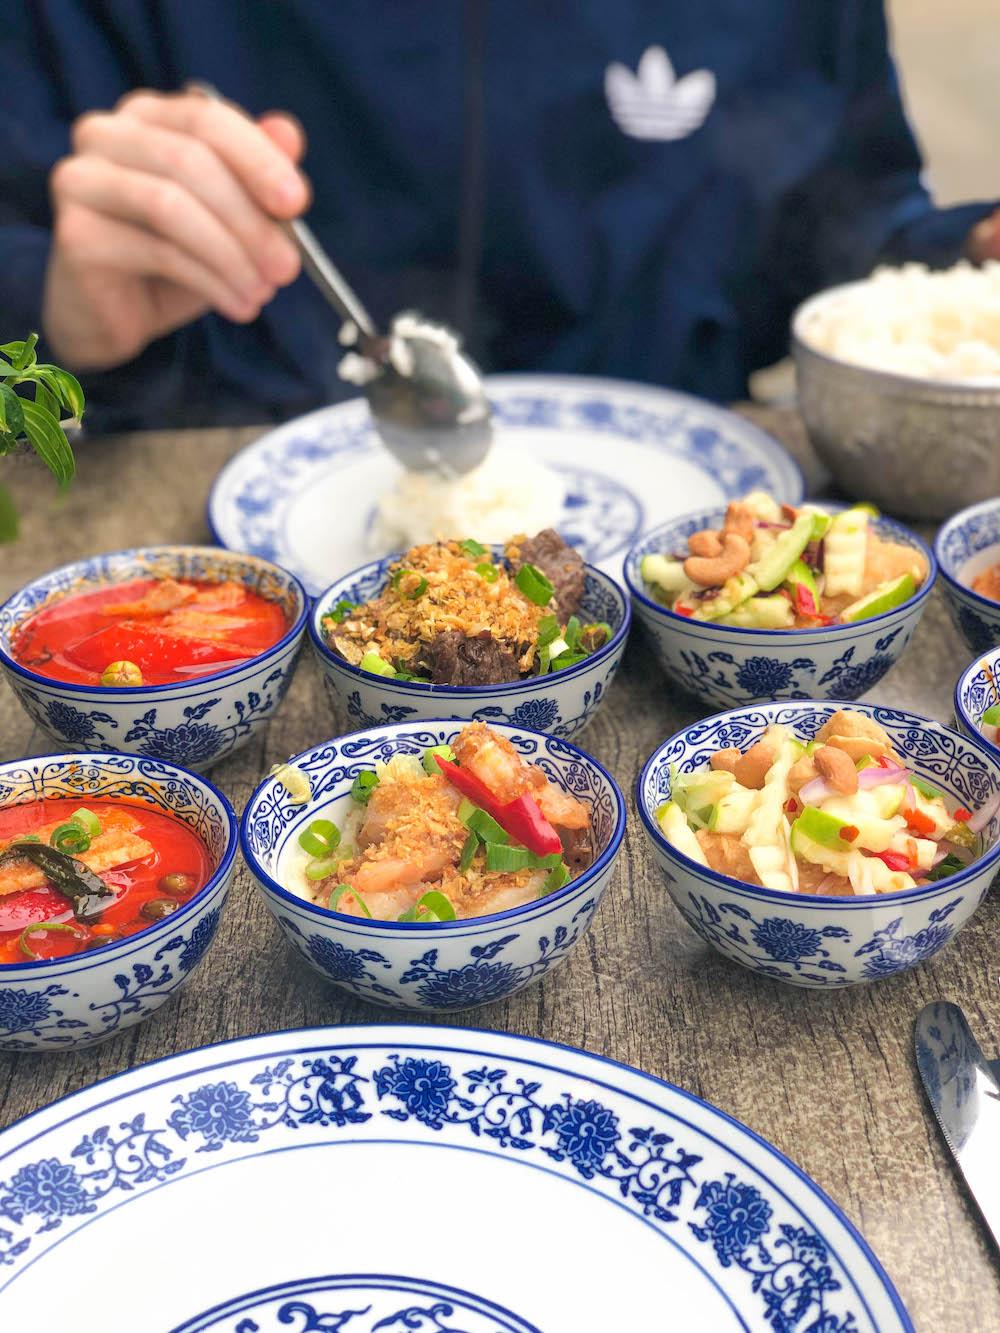 De gerechten bij de Kleine Ondeugd zijn wisselend en altijd weer een verrassing. Je kunt kiezen uit een drie of viergangen-menu met pittige hapjes, Thaise soep, Thaise desserts en andere specialiteiten. Heerlijk!